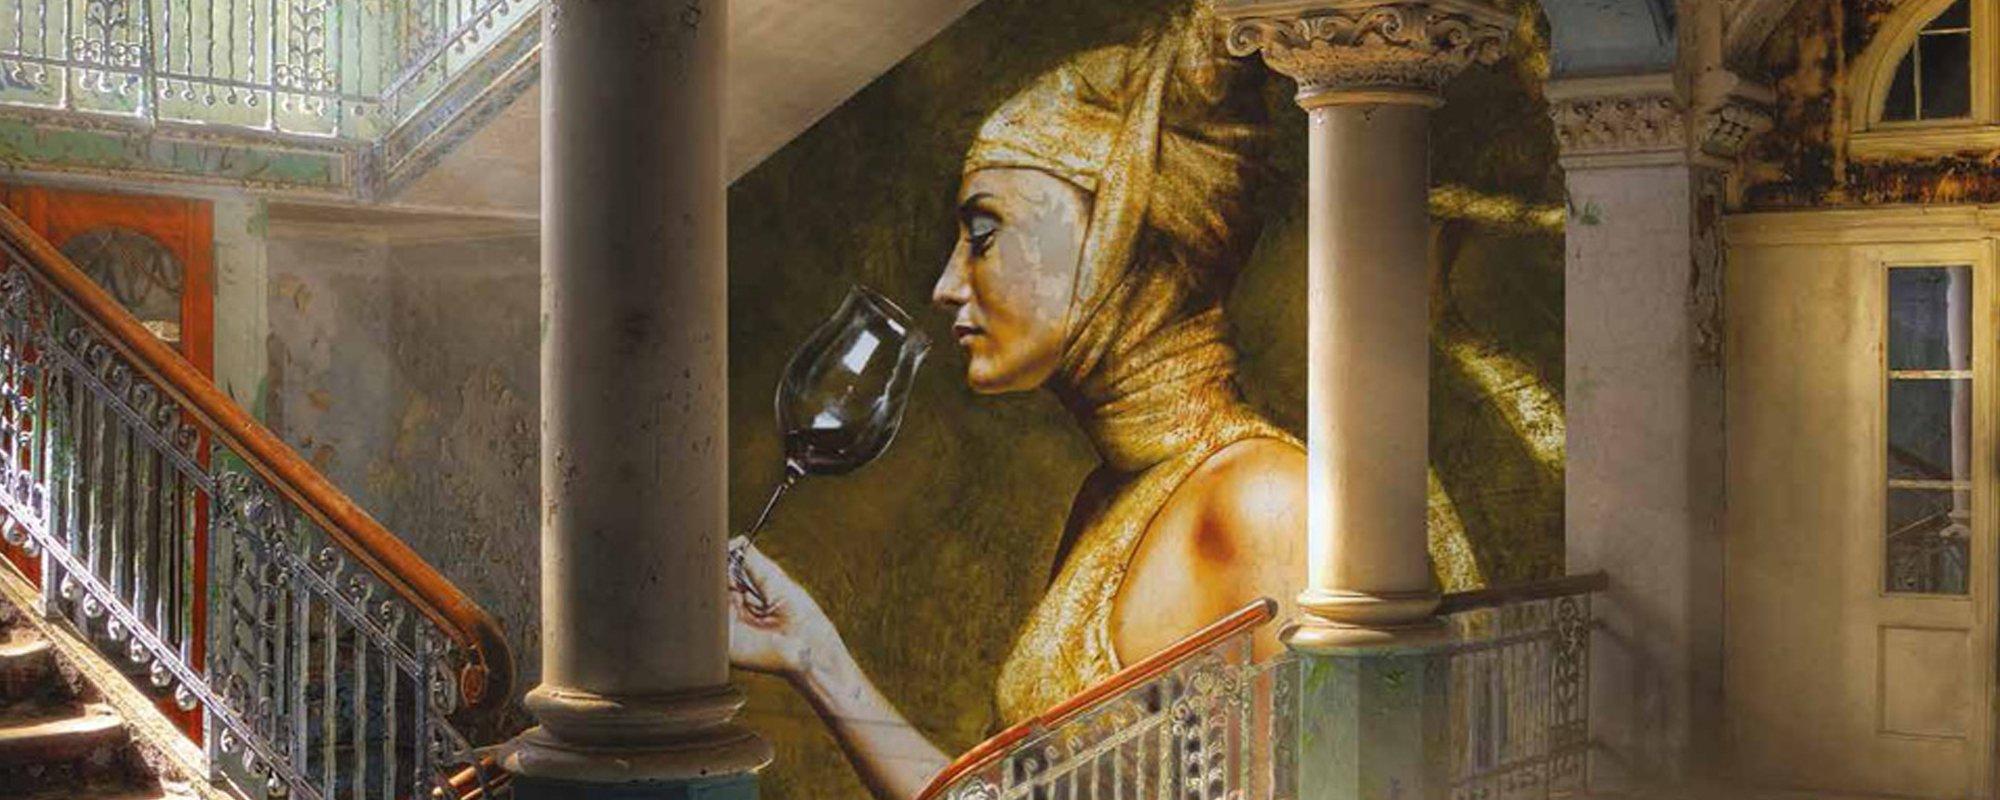 quadro con donna che beve un calice di vino